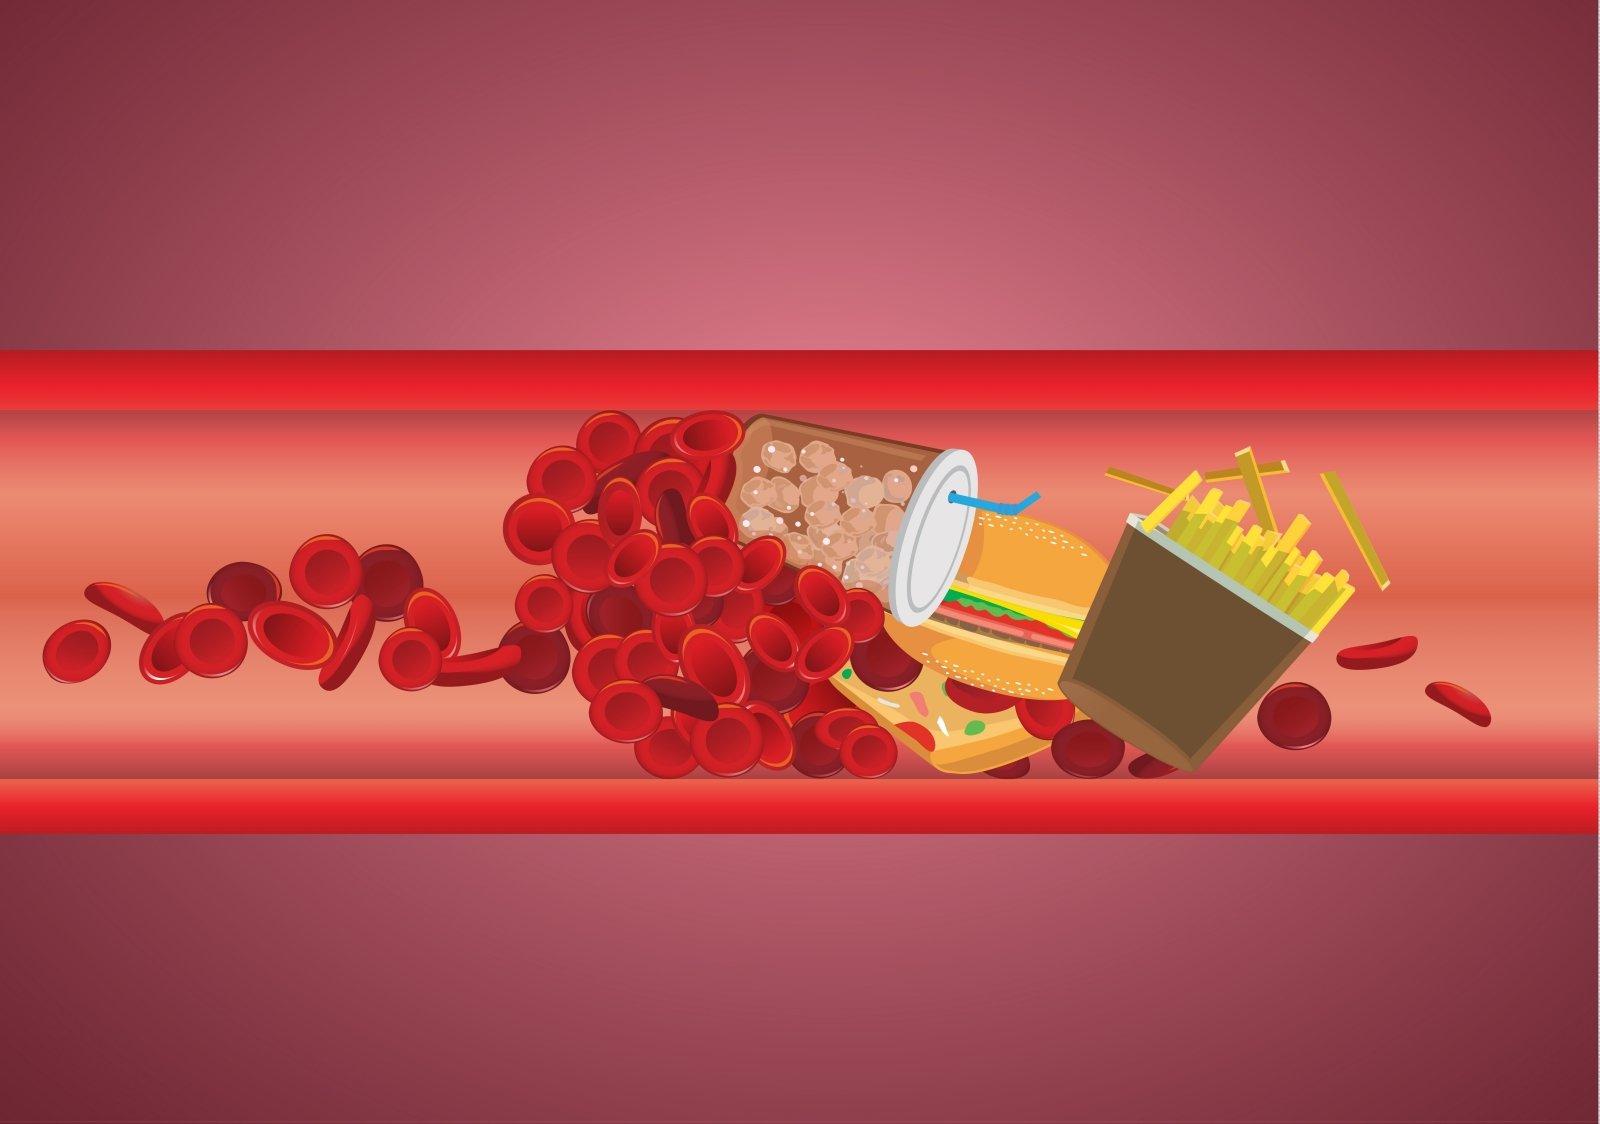 maistiniai riebalai cholesterolis ir širdies sveikata